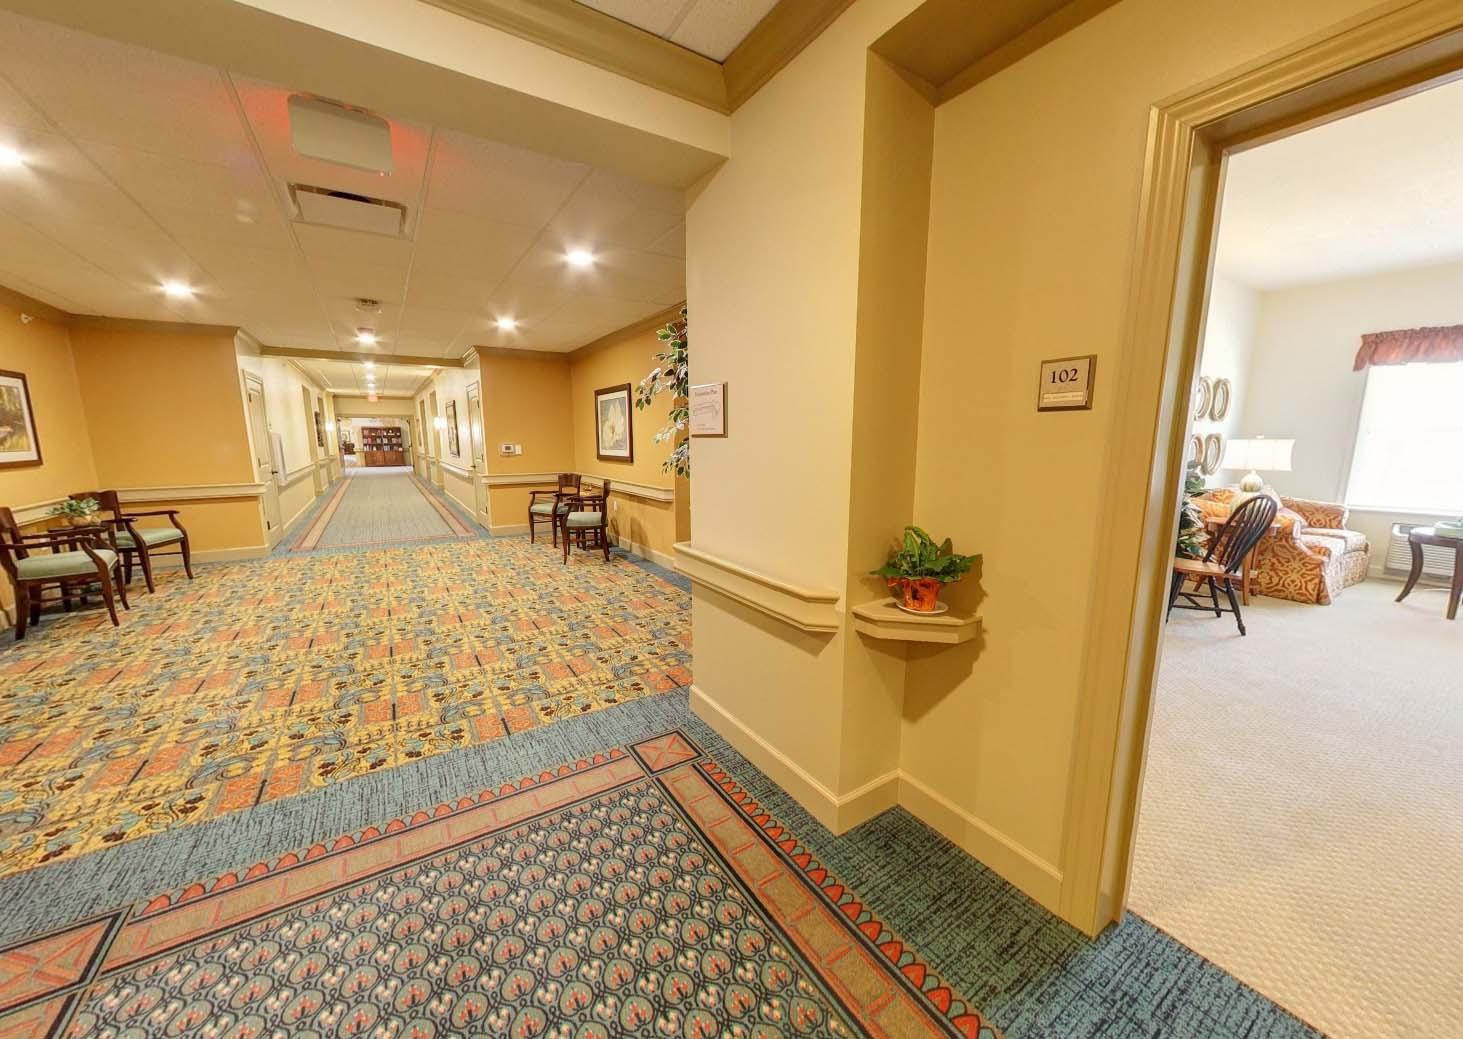 Hallway & Room.jpg